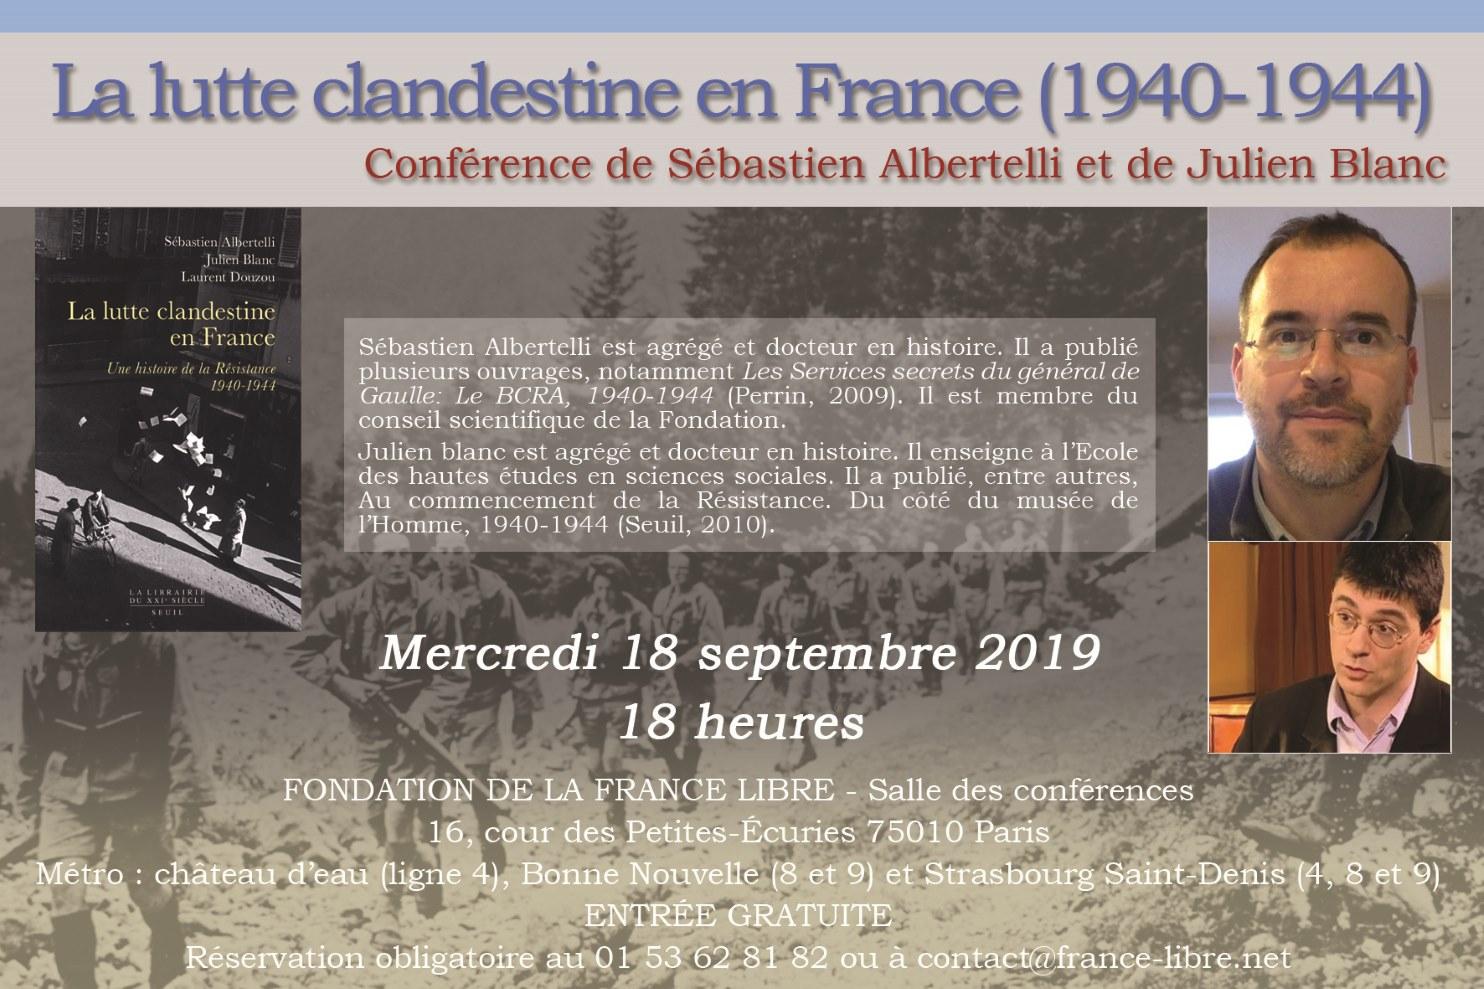 La lutte clandestine en France entre 1940 et 1944